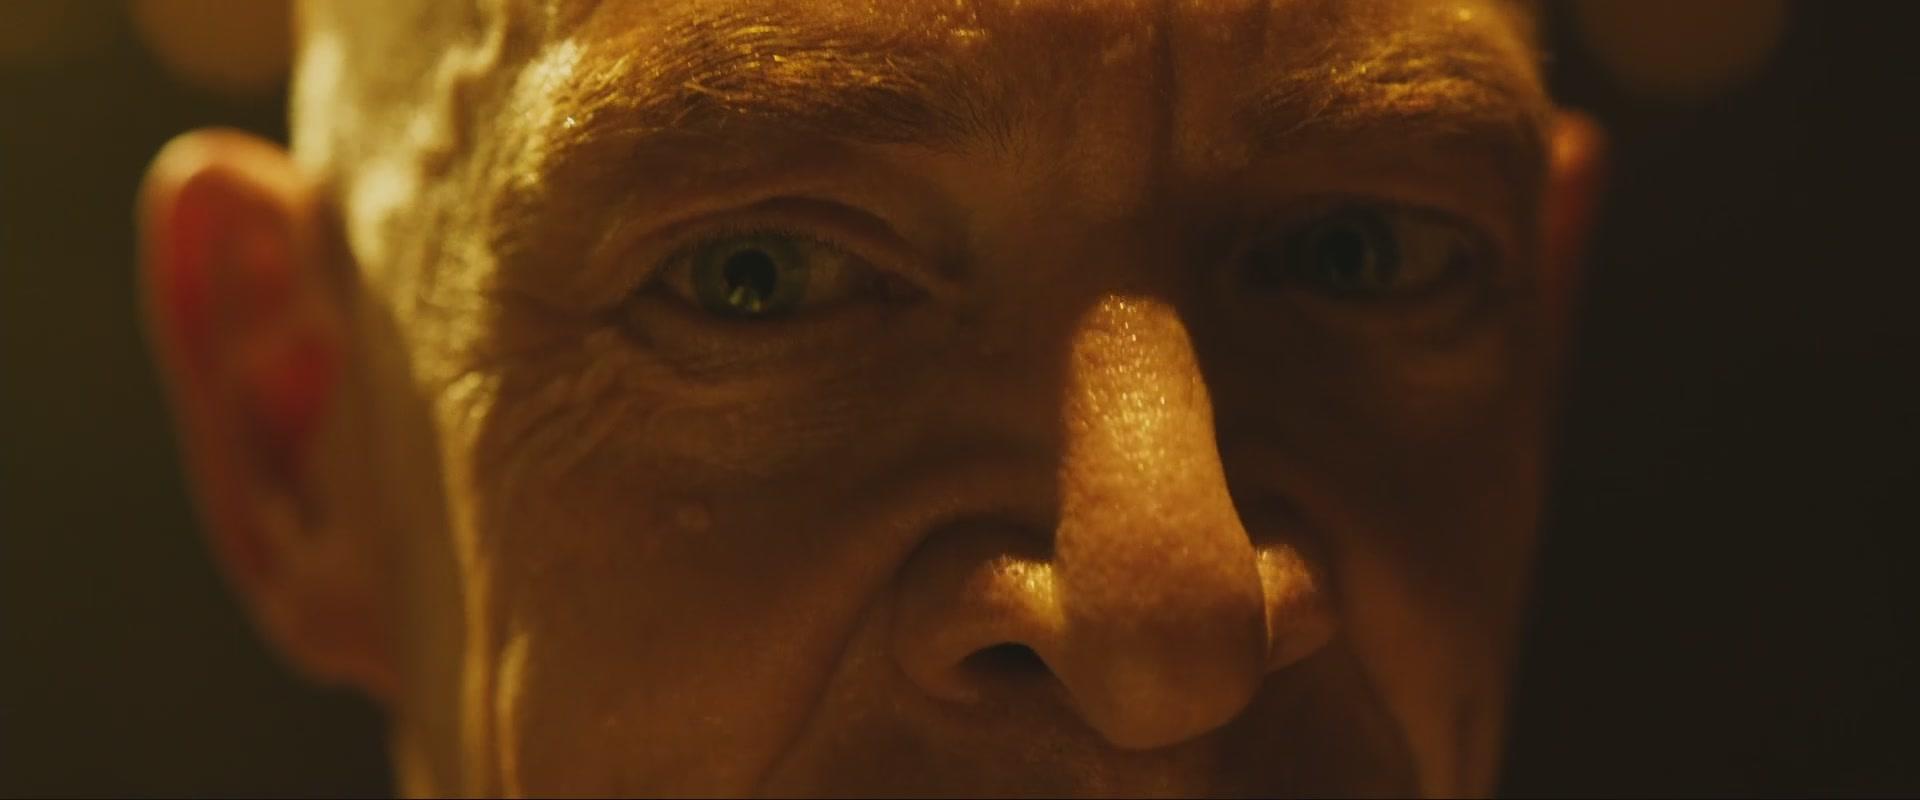 J.K. Simmons in Whiplash (2014)